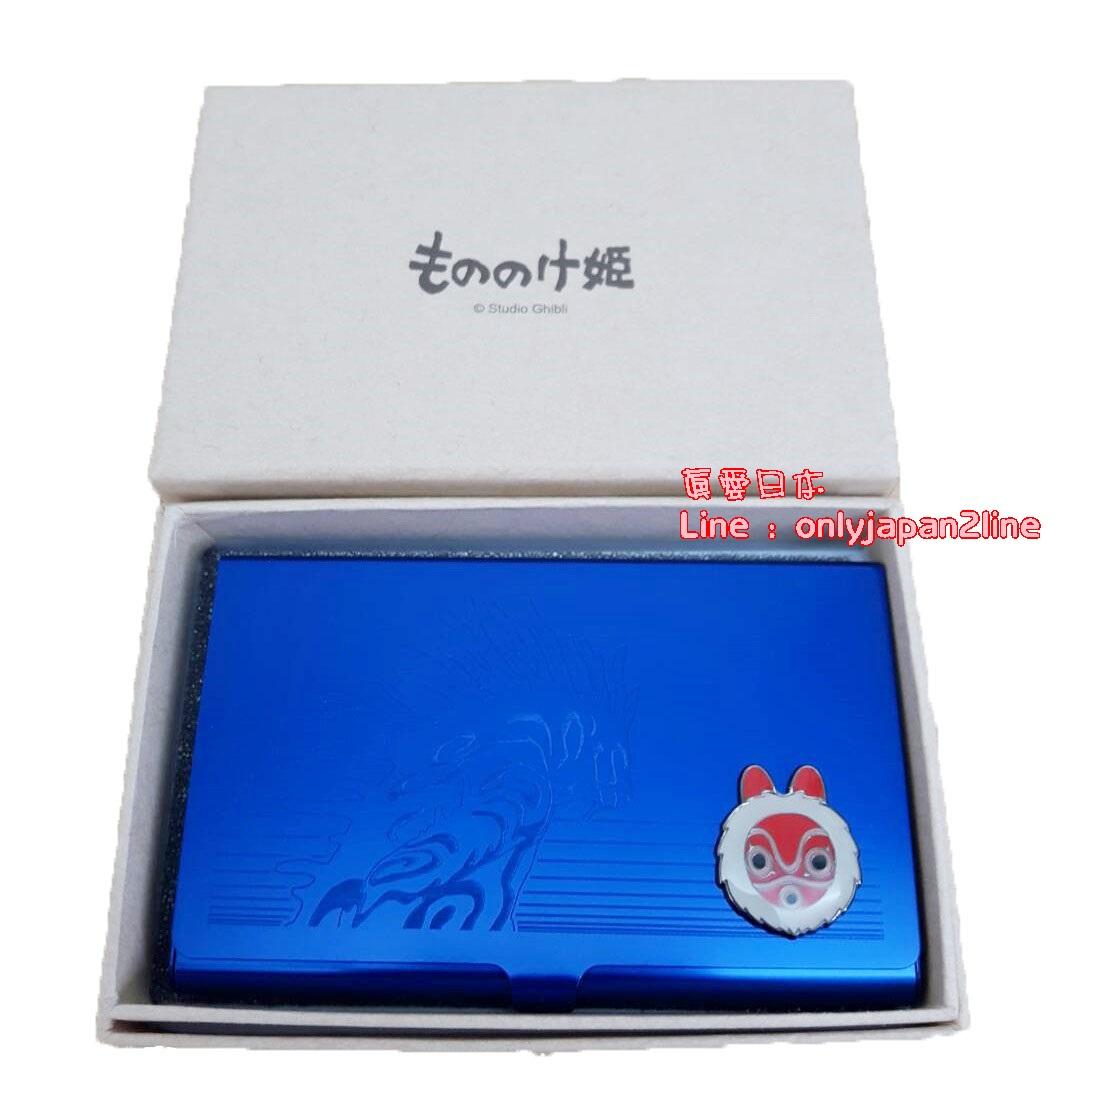 【真愛日本】16061000003 鐵製名片盒-山獸神紫 山獸神 魔法公主 宮崎駿 名片盒 名片夾 收納 生活用品